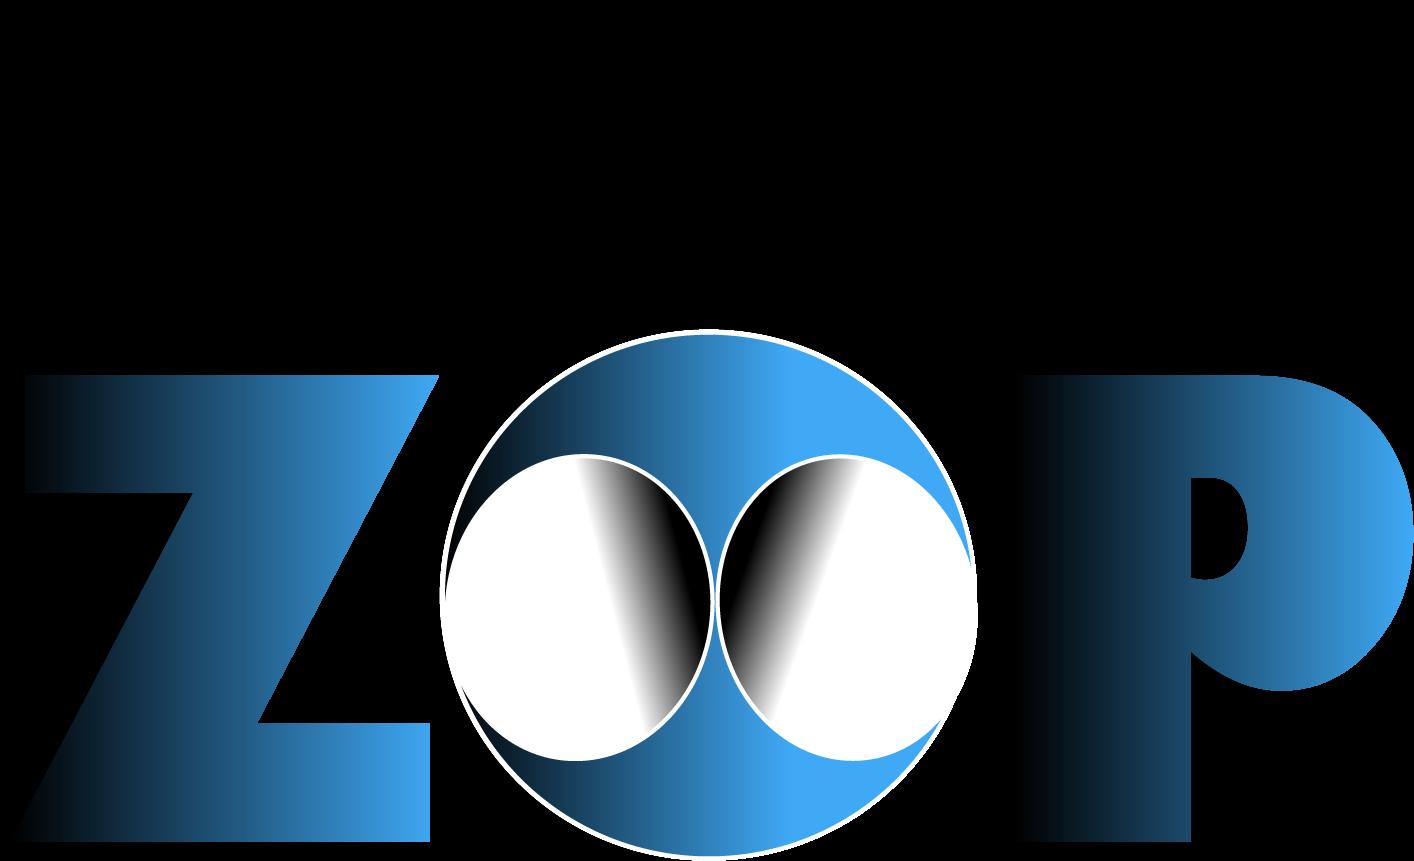 Digitalzop